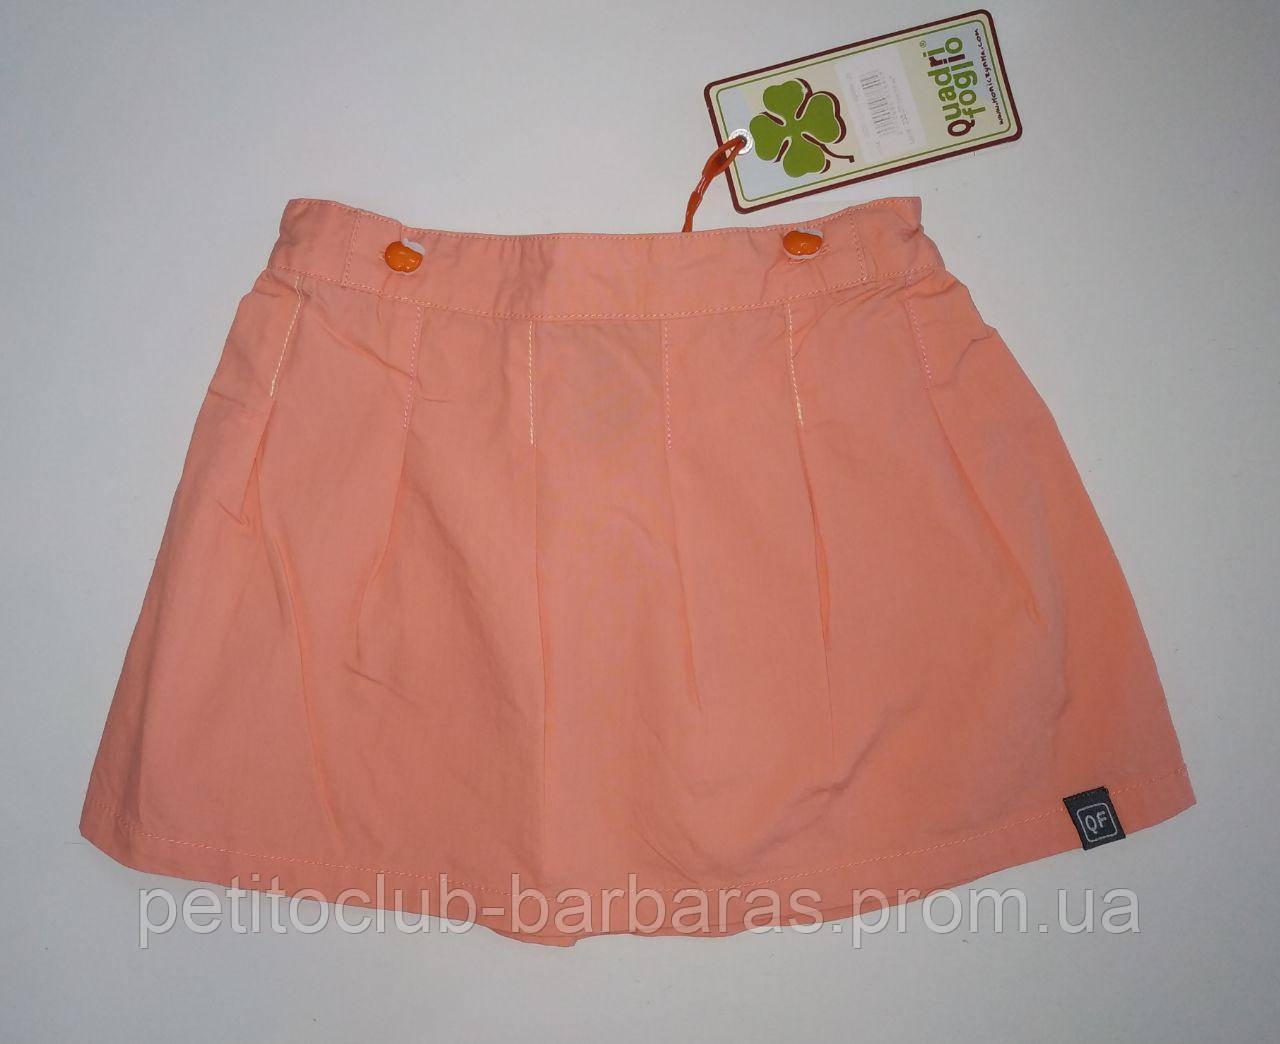 Детская летняя хлопковая юбка оранжевая (р. 80-110 см)(QuadriFoglio, Польша)